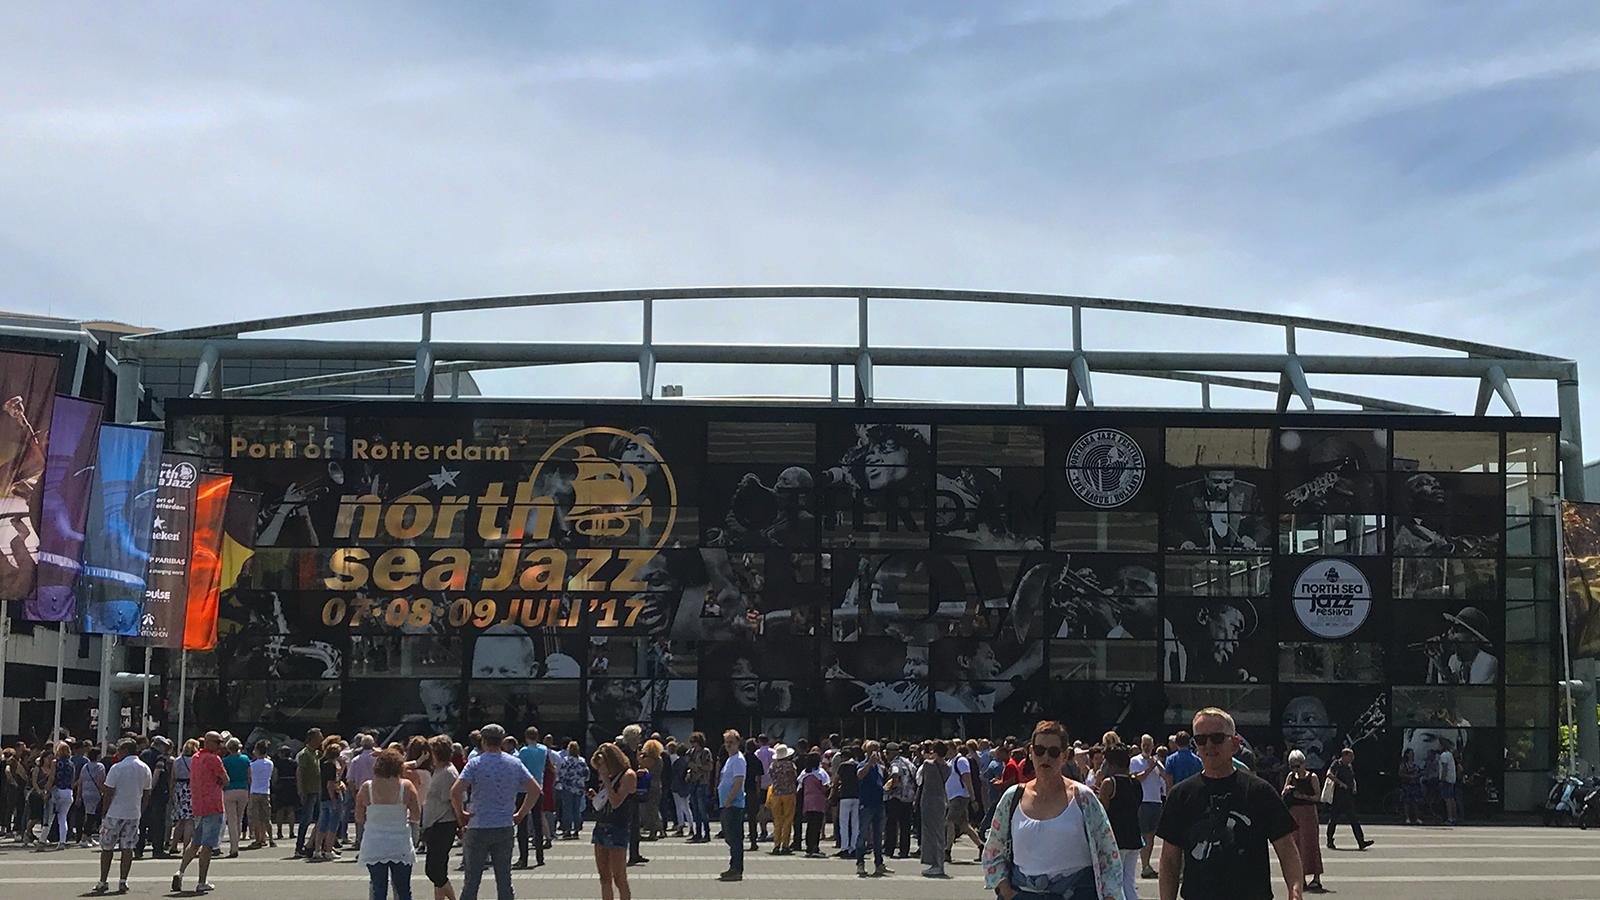 Review: North Sea Jazz Festival 2017 – Desbravando um Festival em Rotterdam